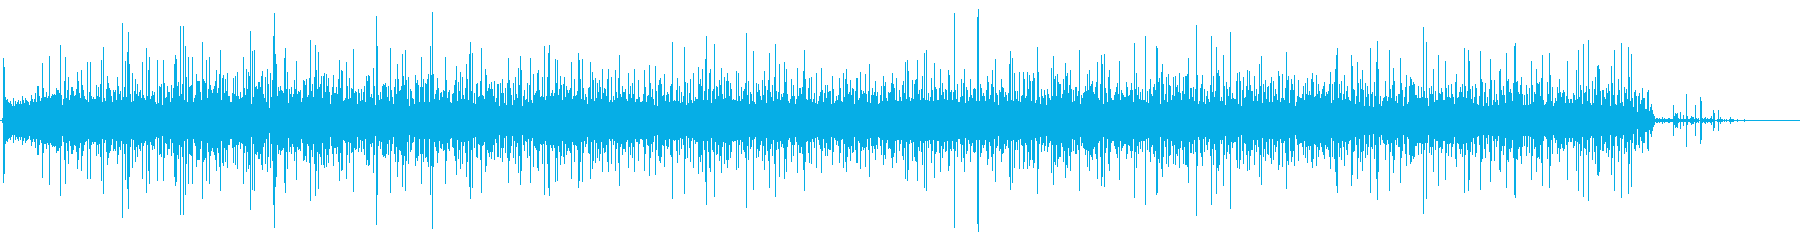 ノズル付きガーデンホース:柔らかい...の再生済みの波形